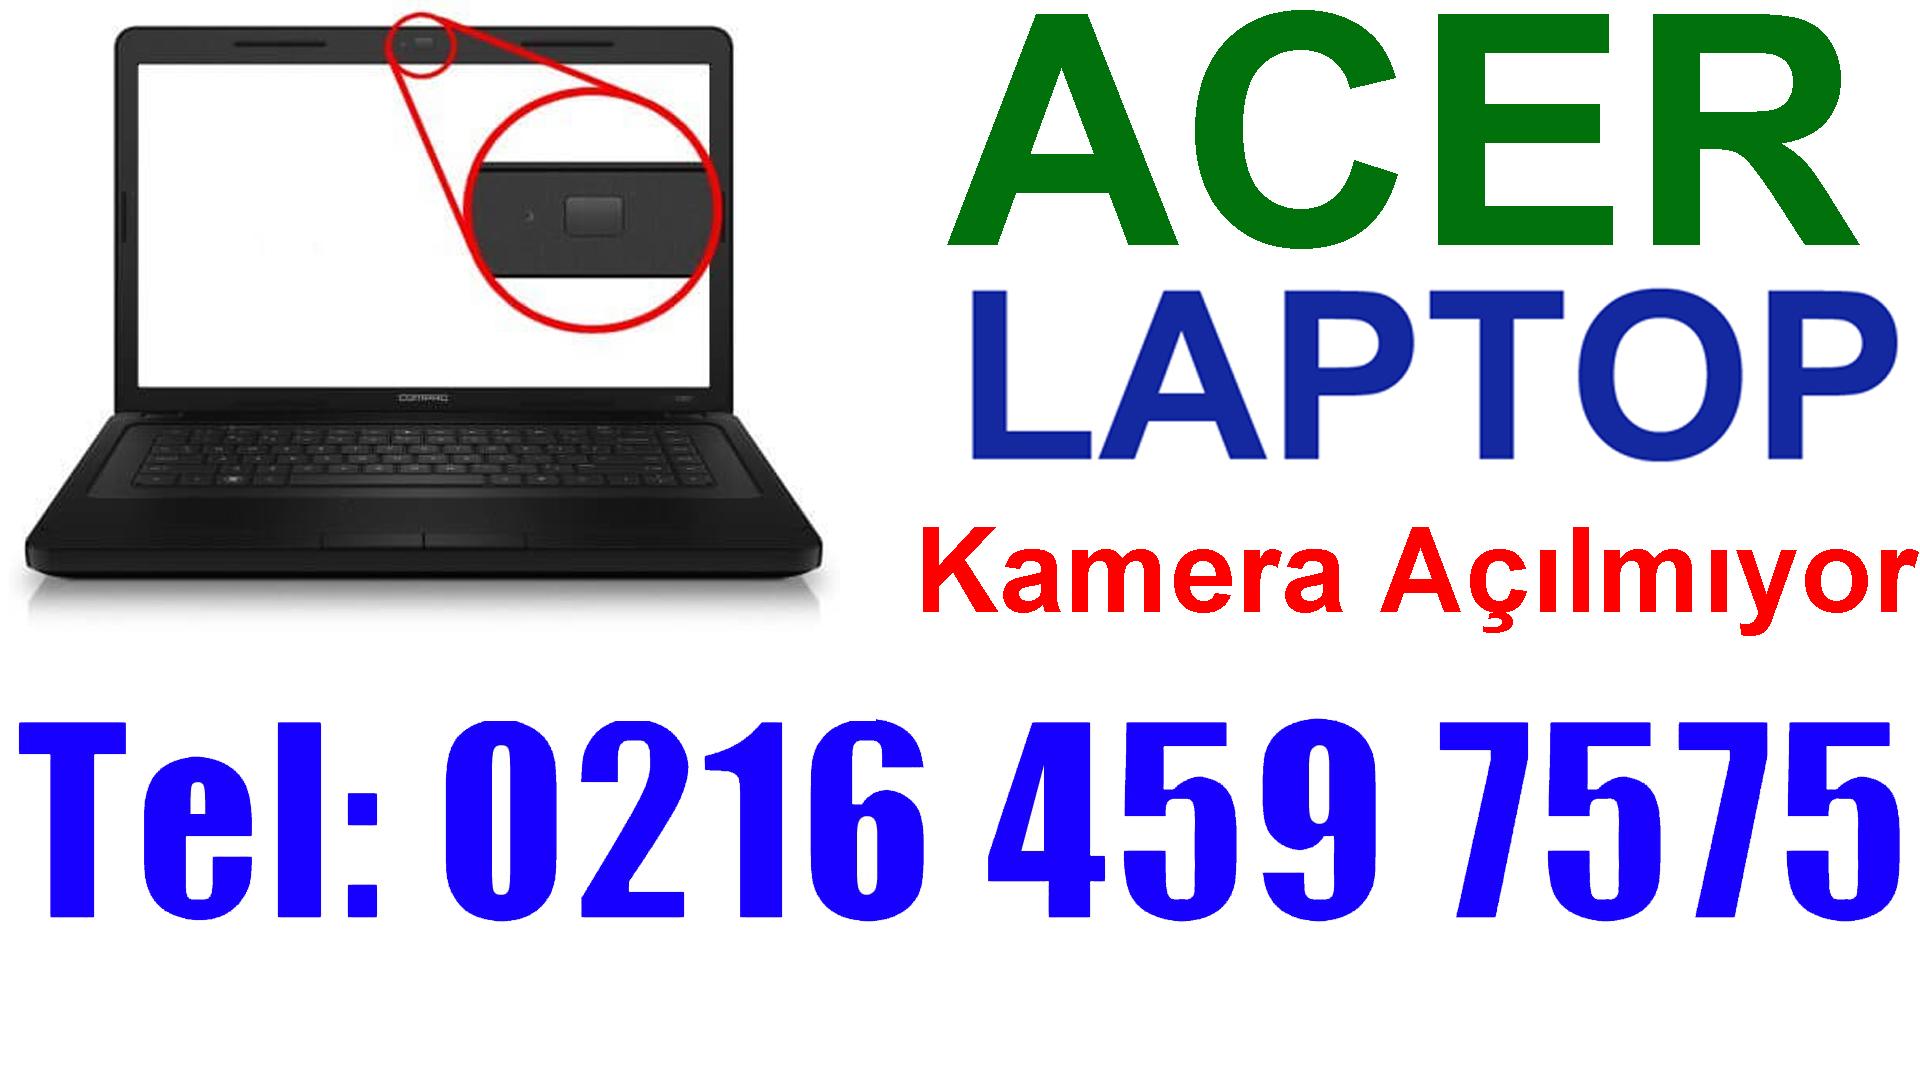 Acer Laptop Kamera Çalışmıyor